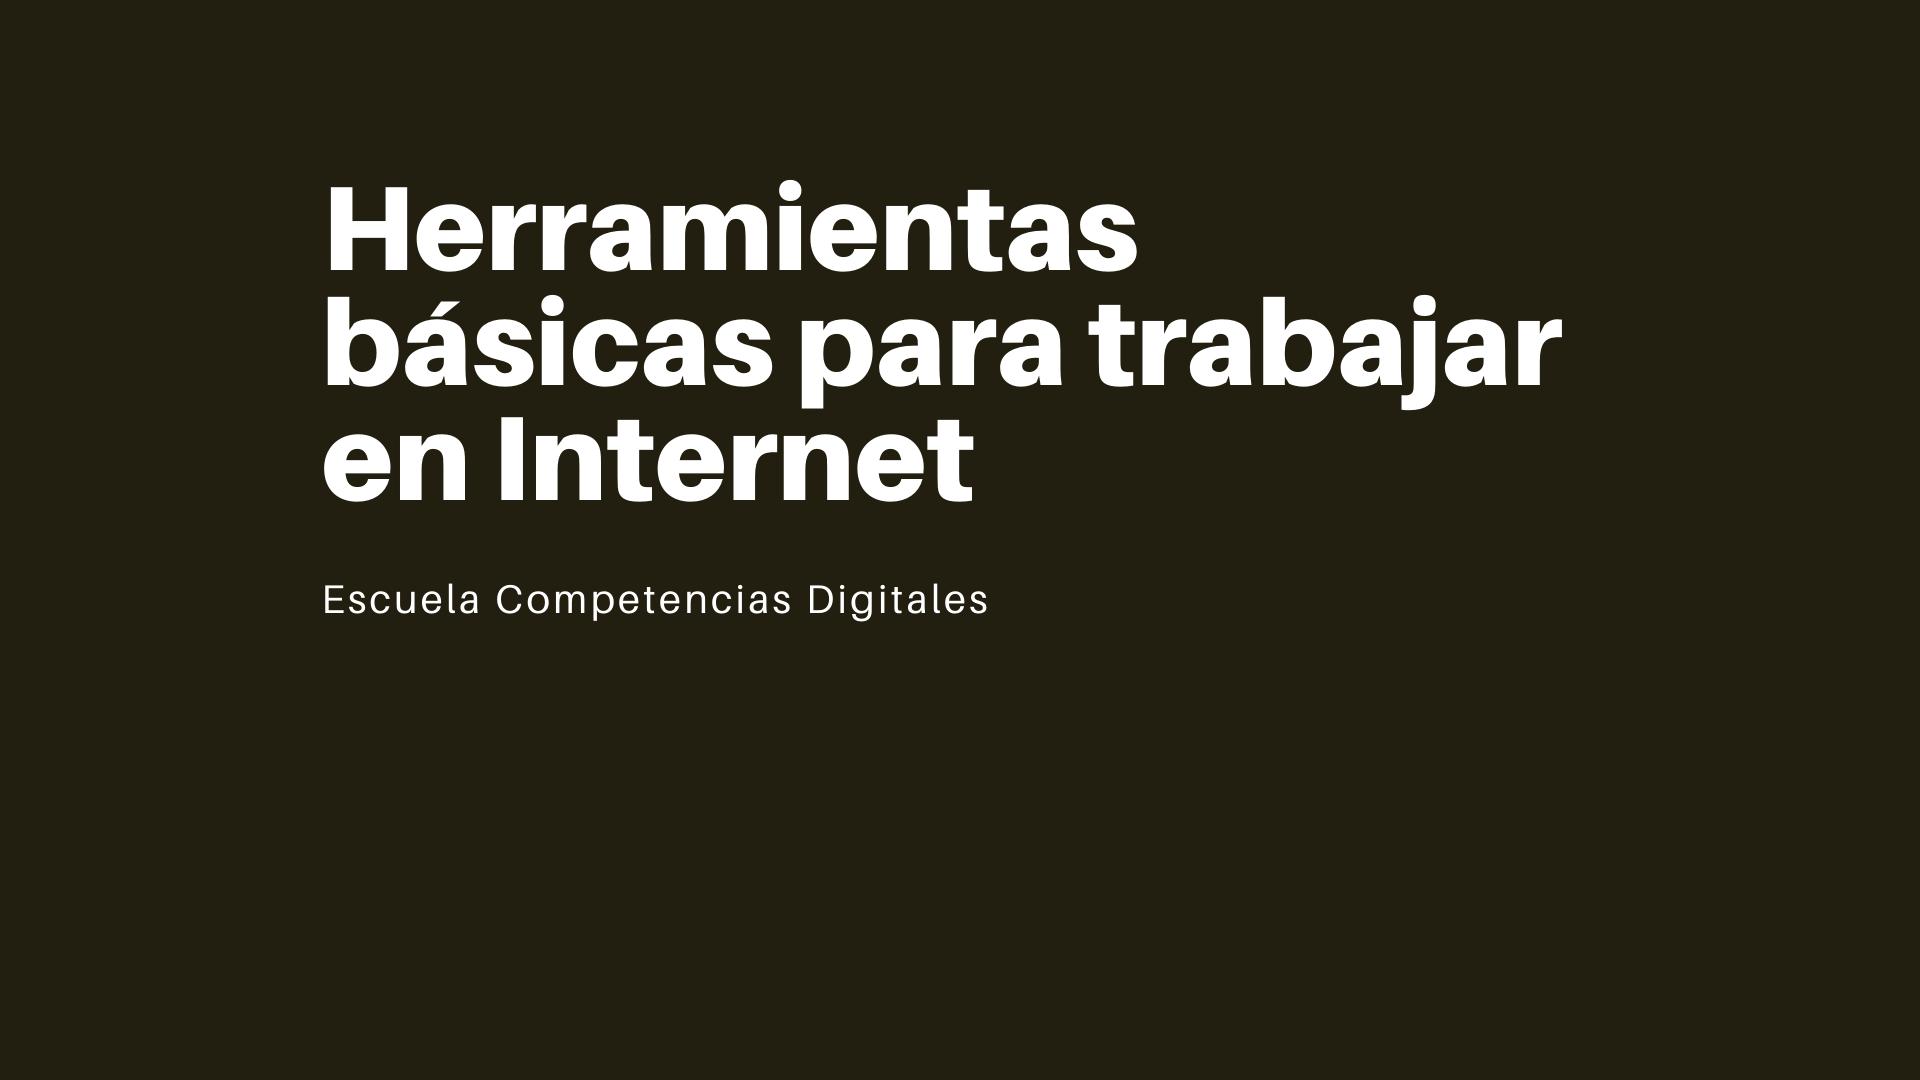 Herramientas básicas para trabajar en internet